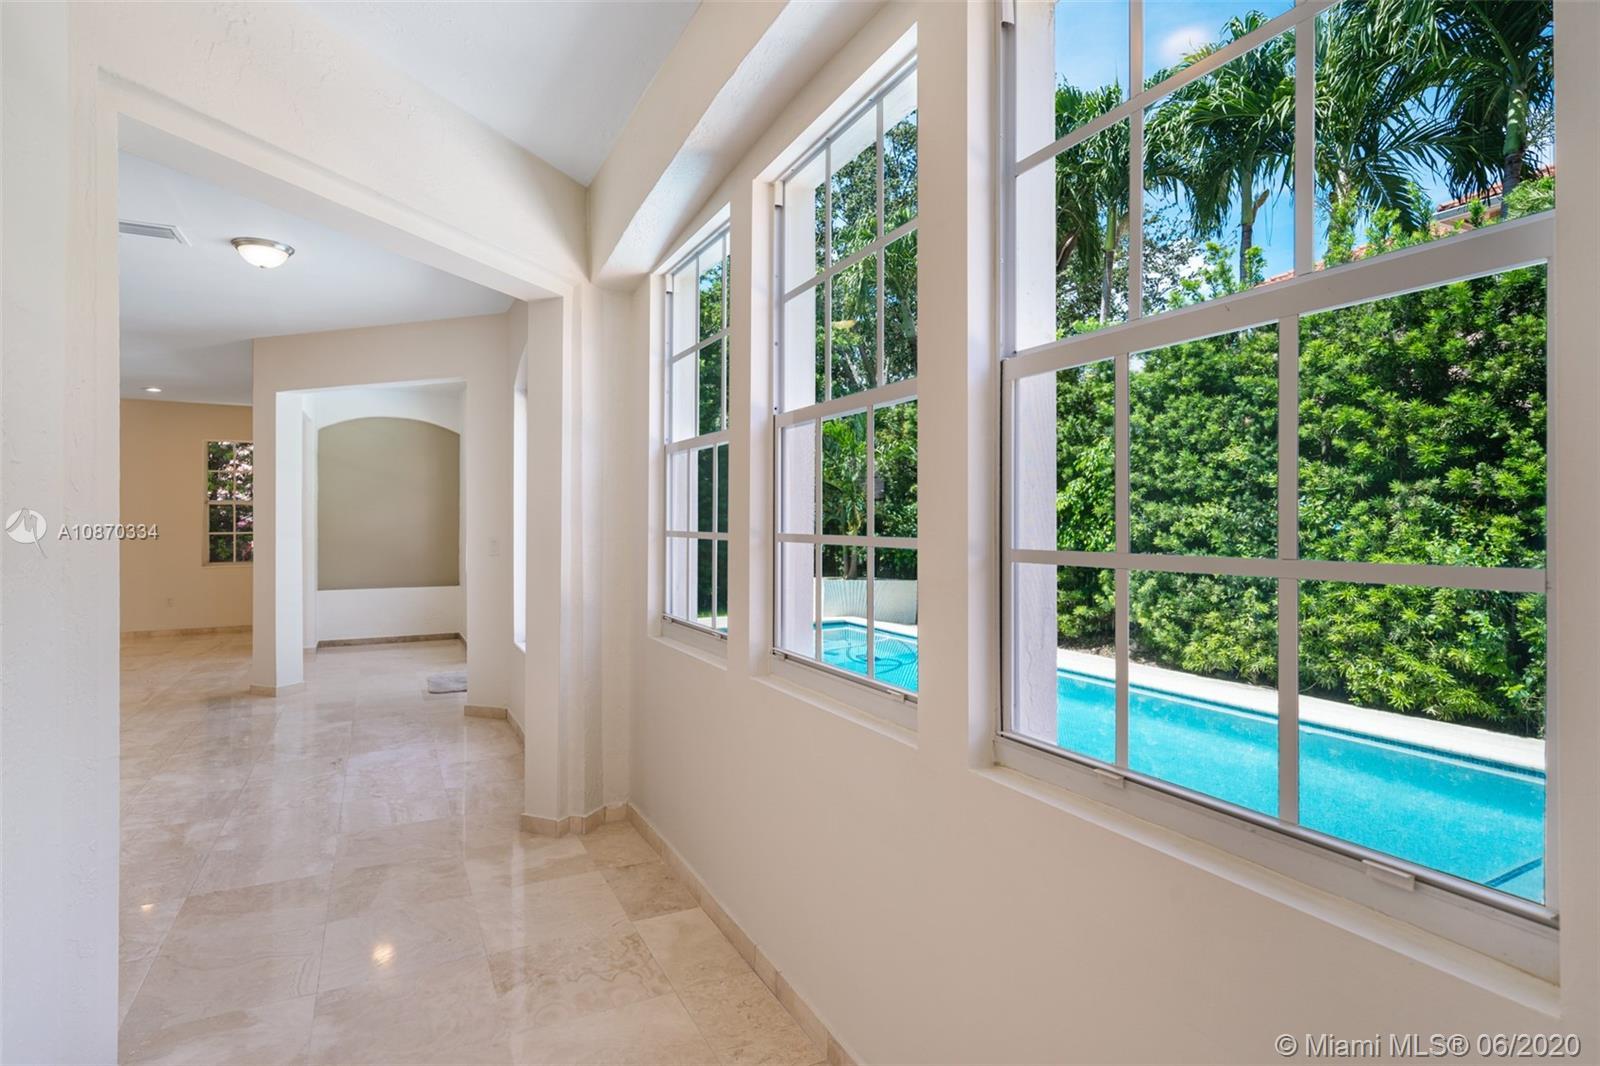 Miami Lakes # - 09 - photo